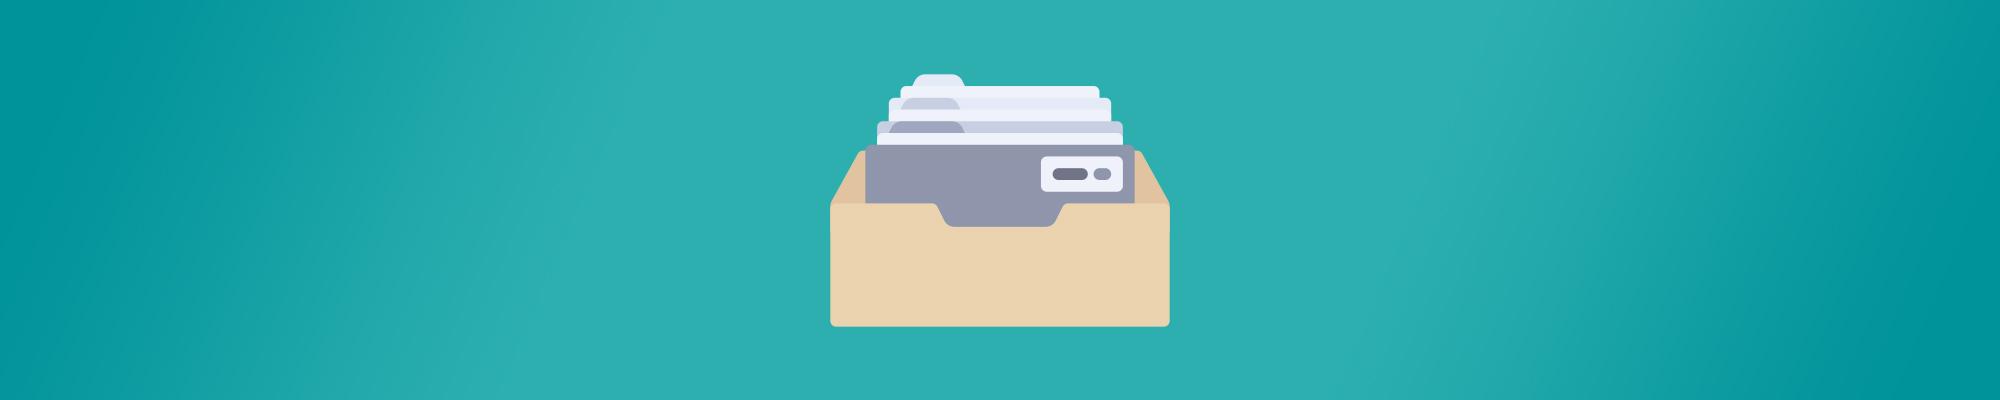 Procedimenti amministrativi e diritto di accesso - DAG